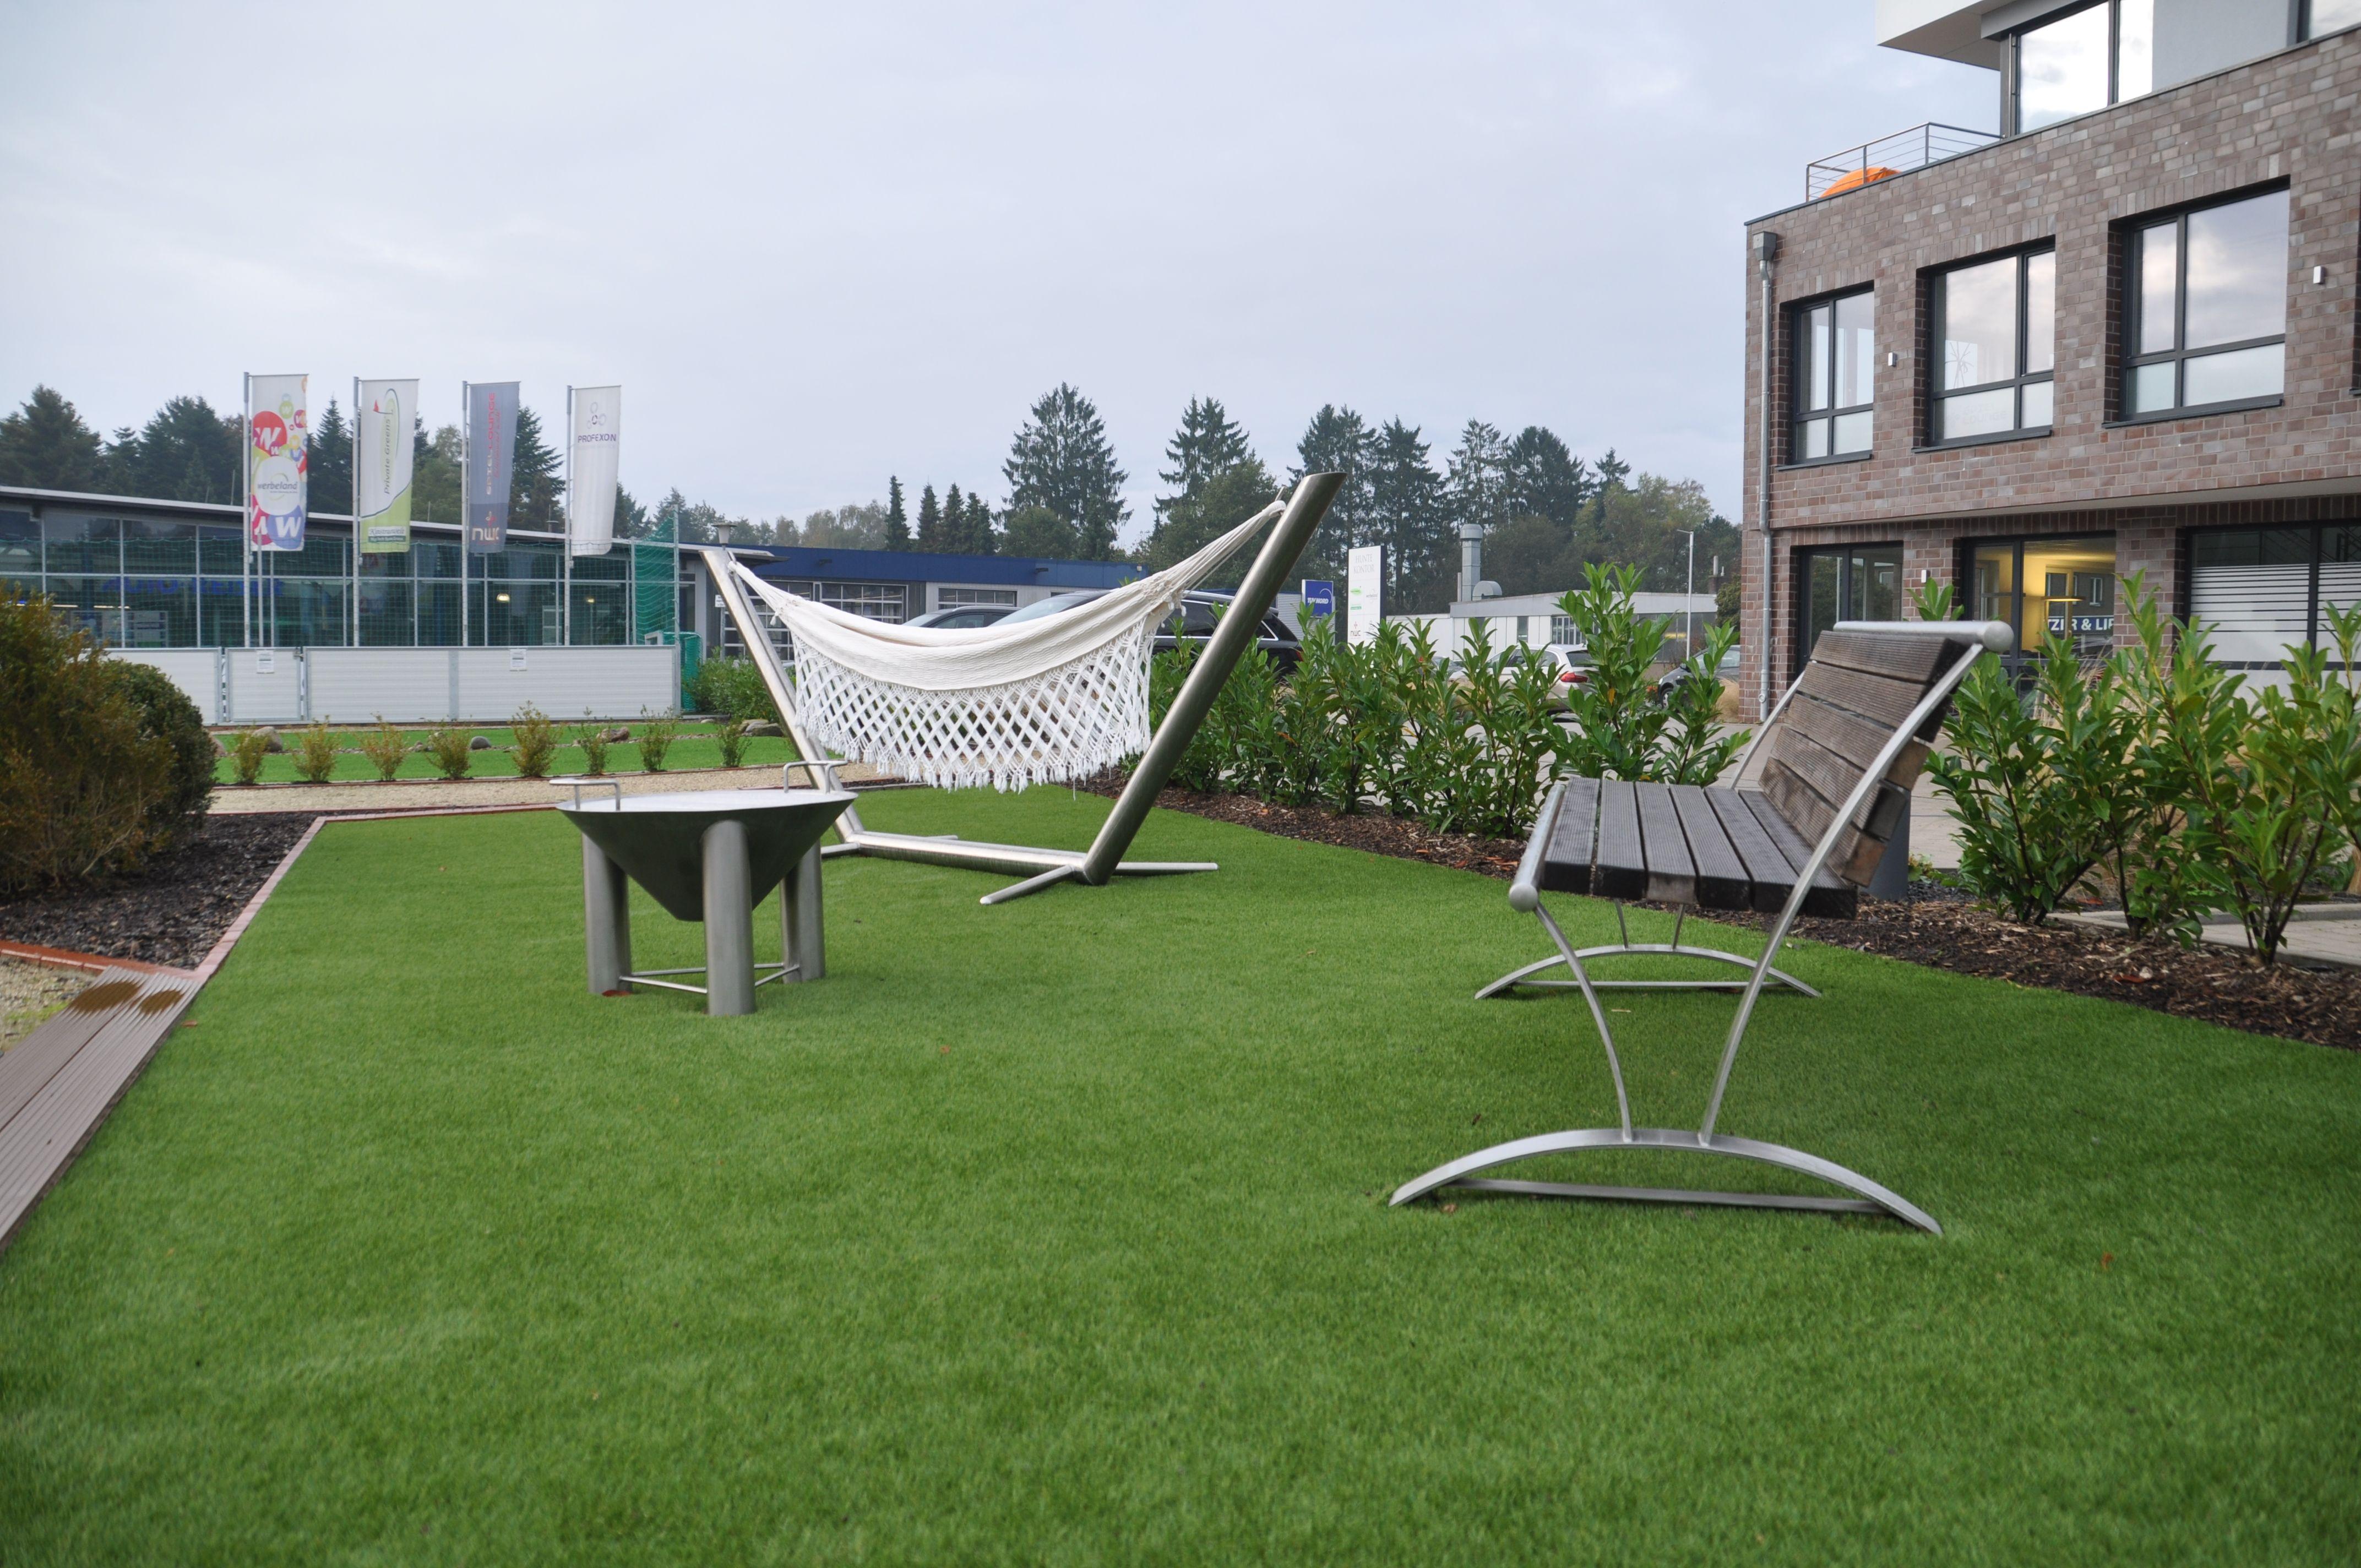 e5d21e102c104800ddae7e2efe9e2a41 Tolle Gartengestaltung Ideen Vorgarten Konzept